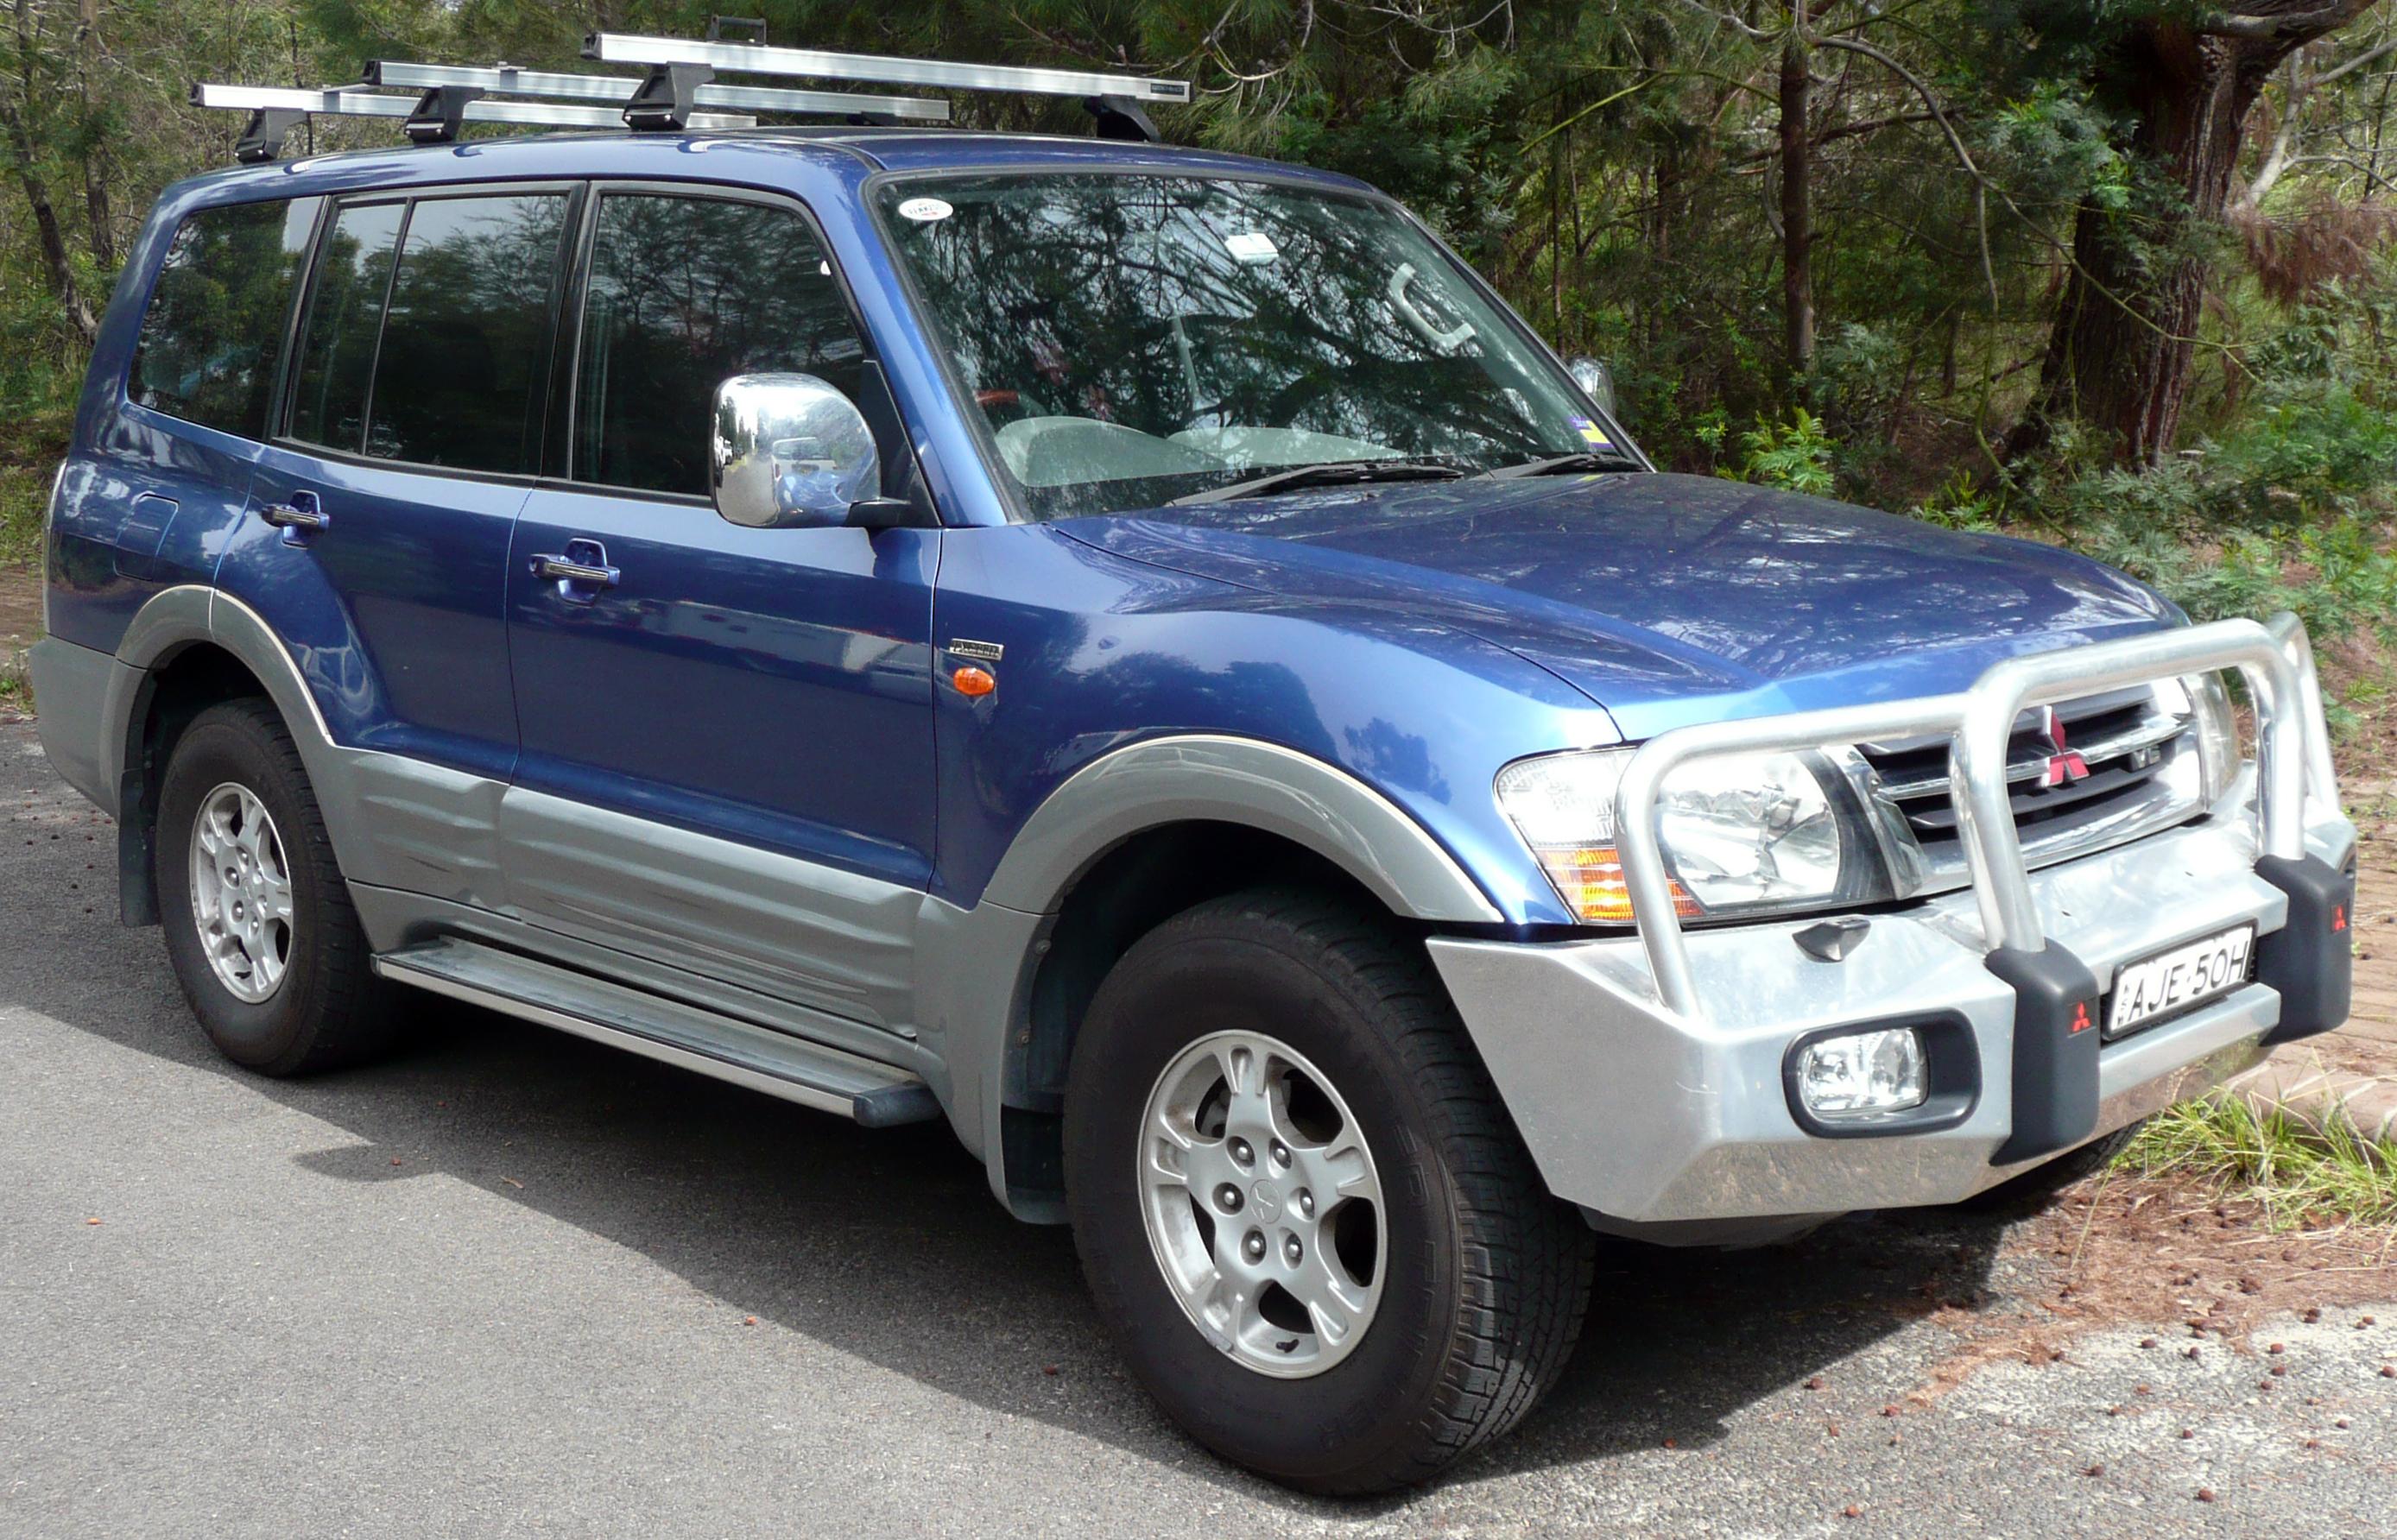 File:2000-2002 Mitsubishi Pajero (NM) Exceed wagon 01.jpg